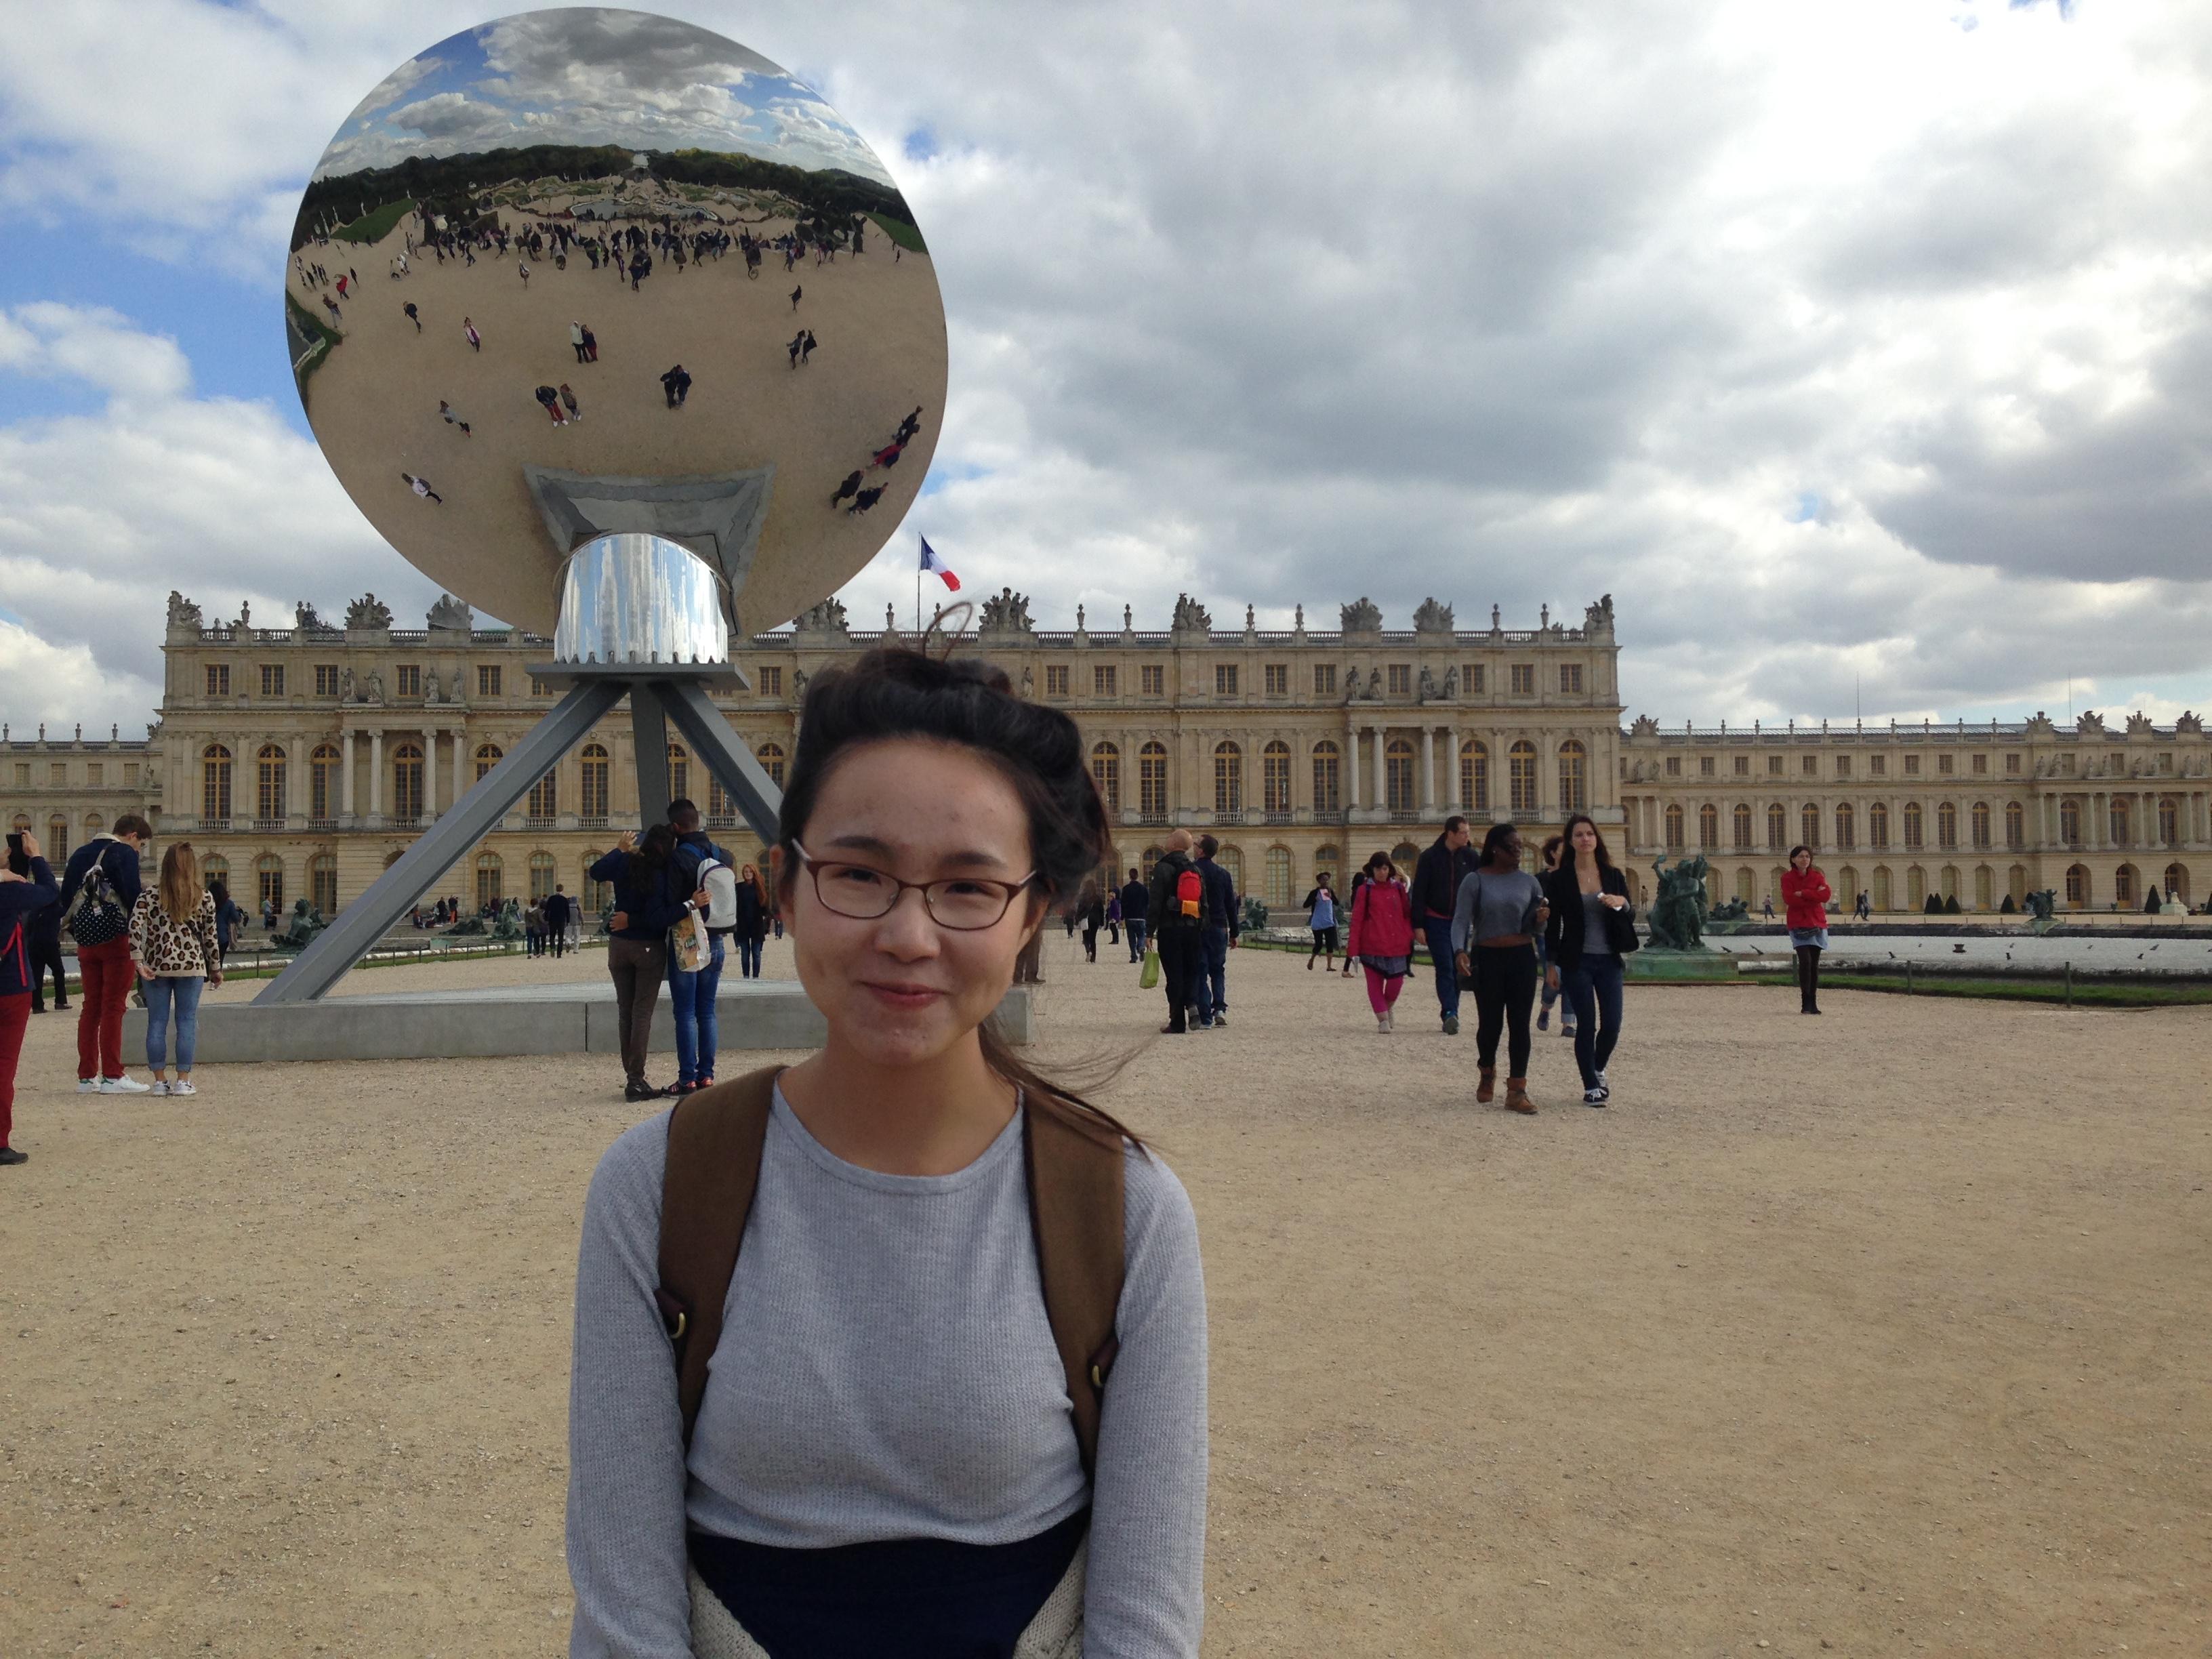 Mei Mei et Anish Kapoor à Versailles